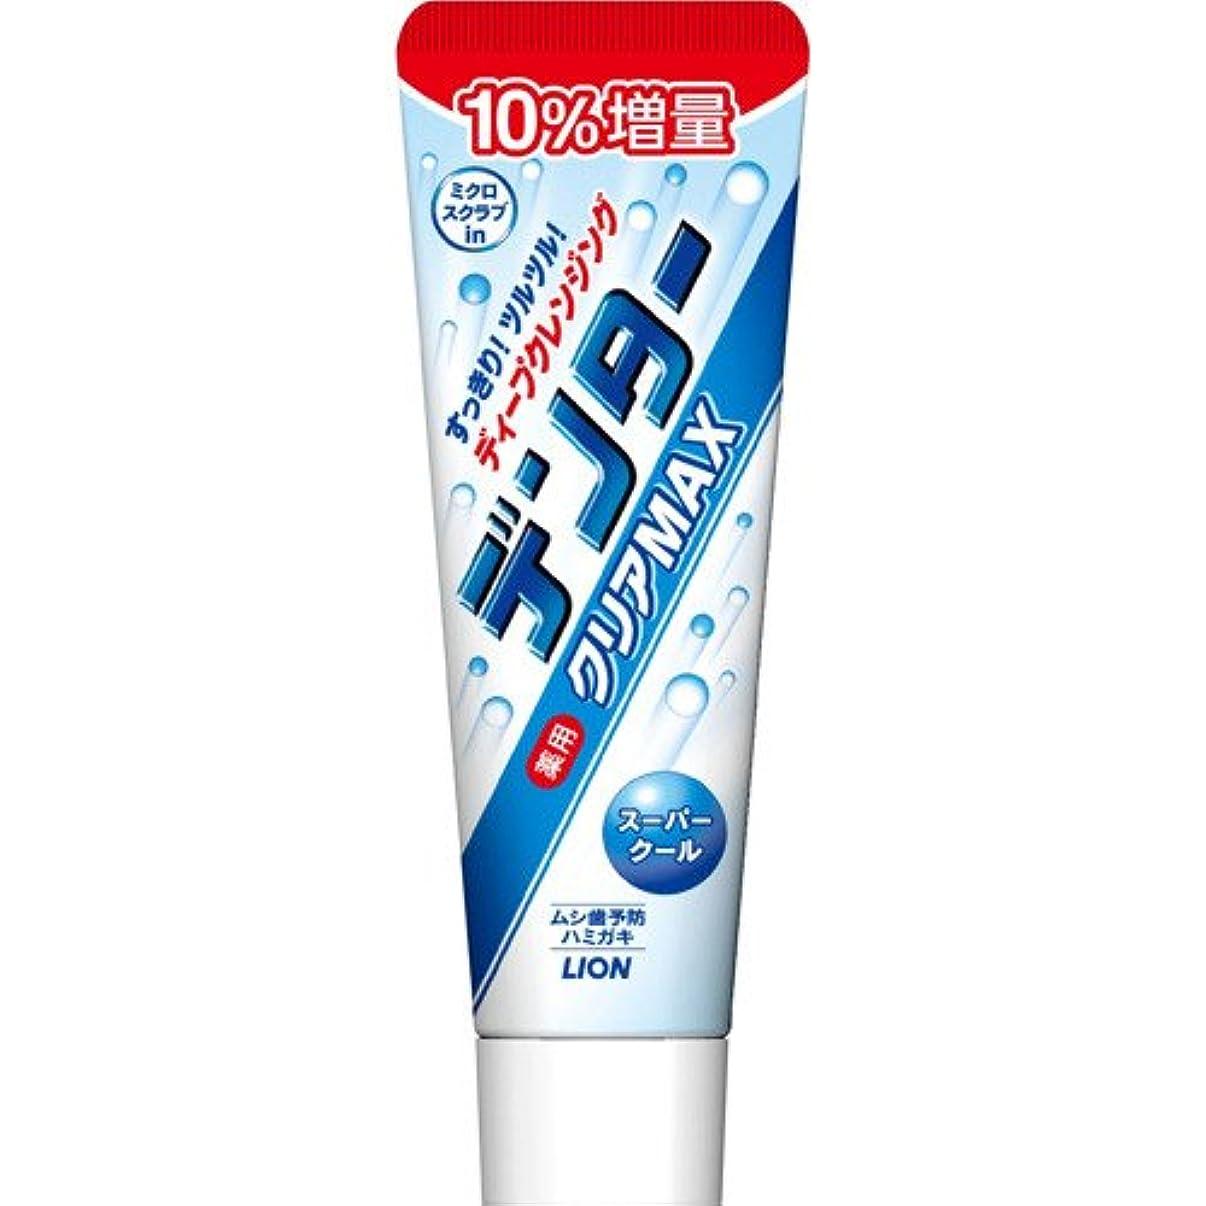 触覚感謝ポーターライオン デンター クリアMAX スーパークール タテ型 10%増量 154g